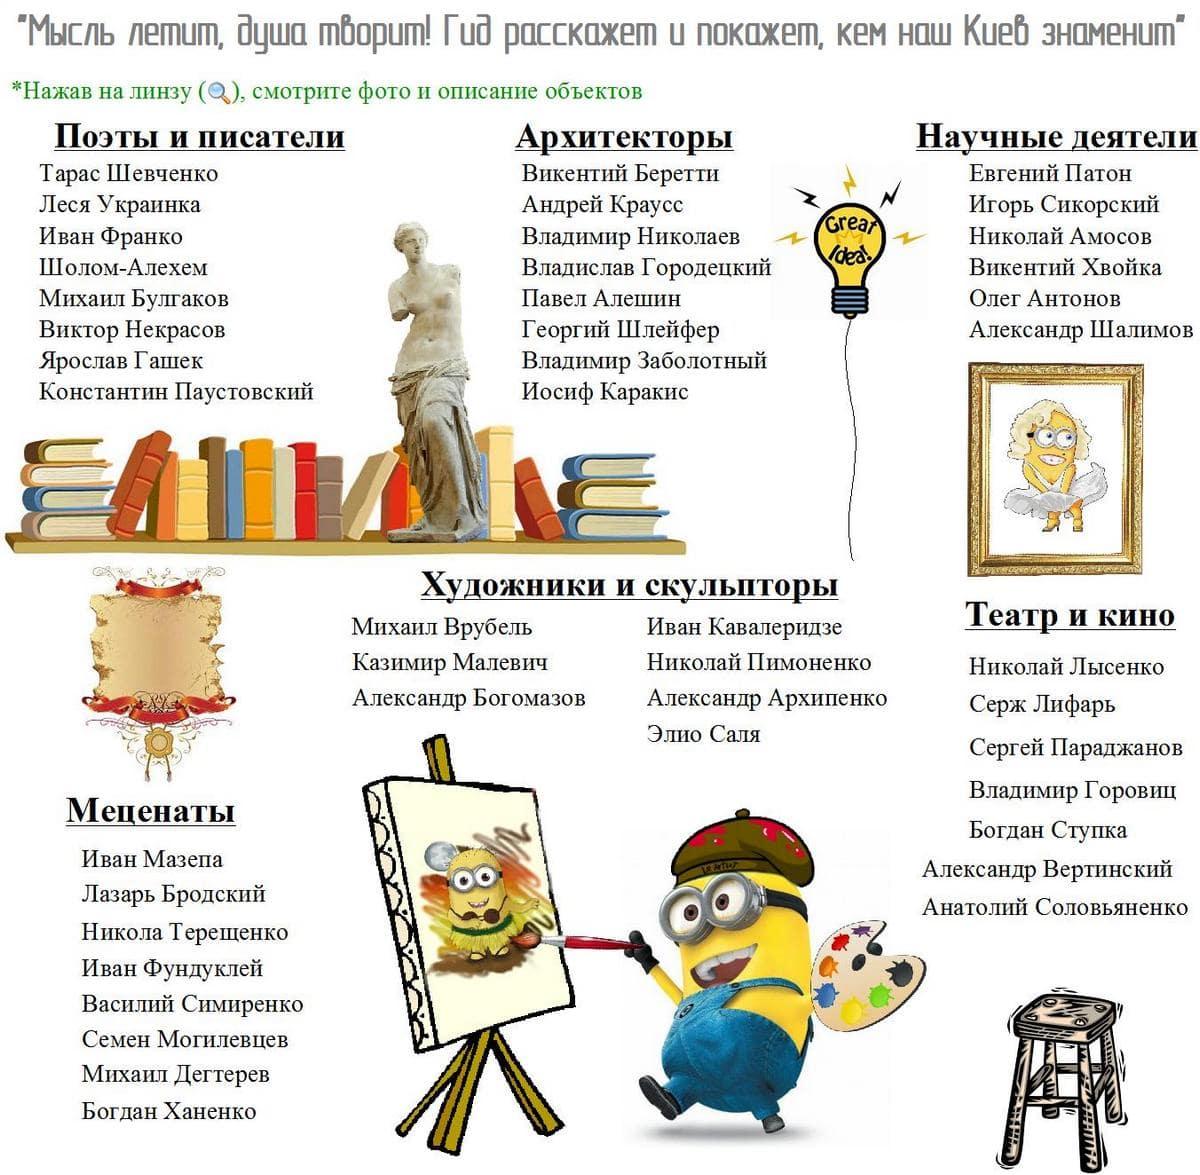 Киев известных личностей